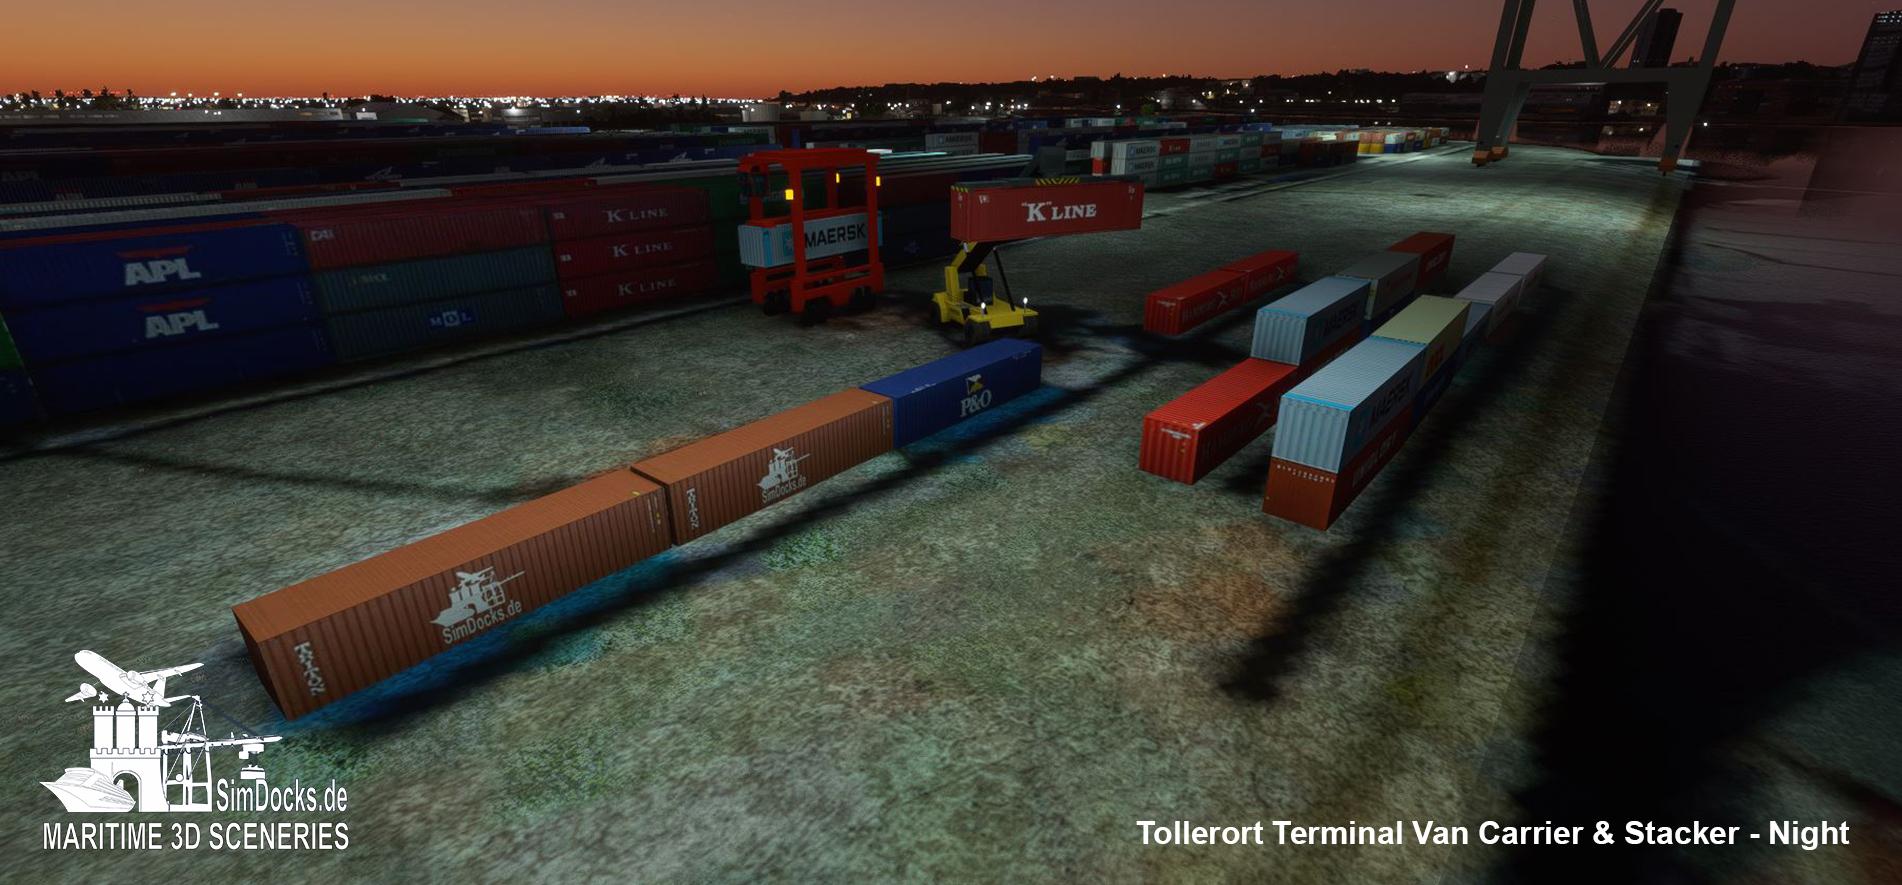 Bild17_Terminal_Tollerort_Container-Vans_Nacht.JPG